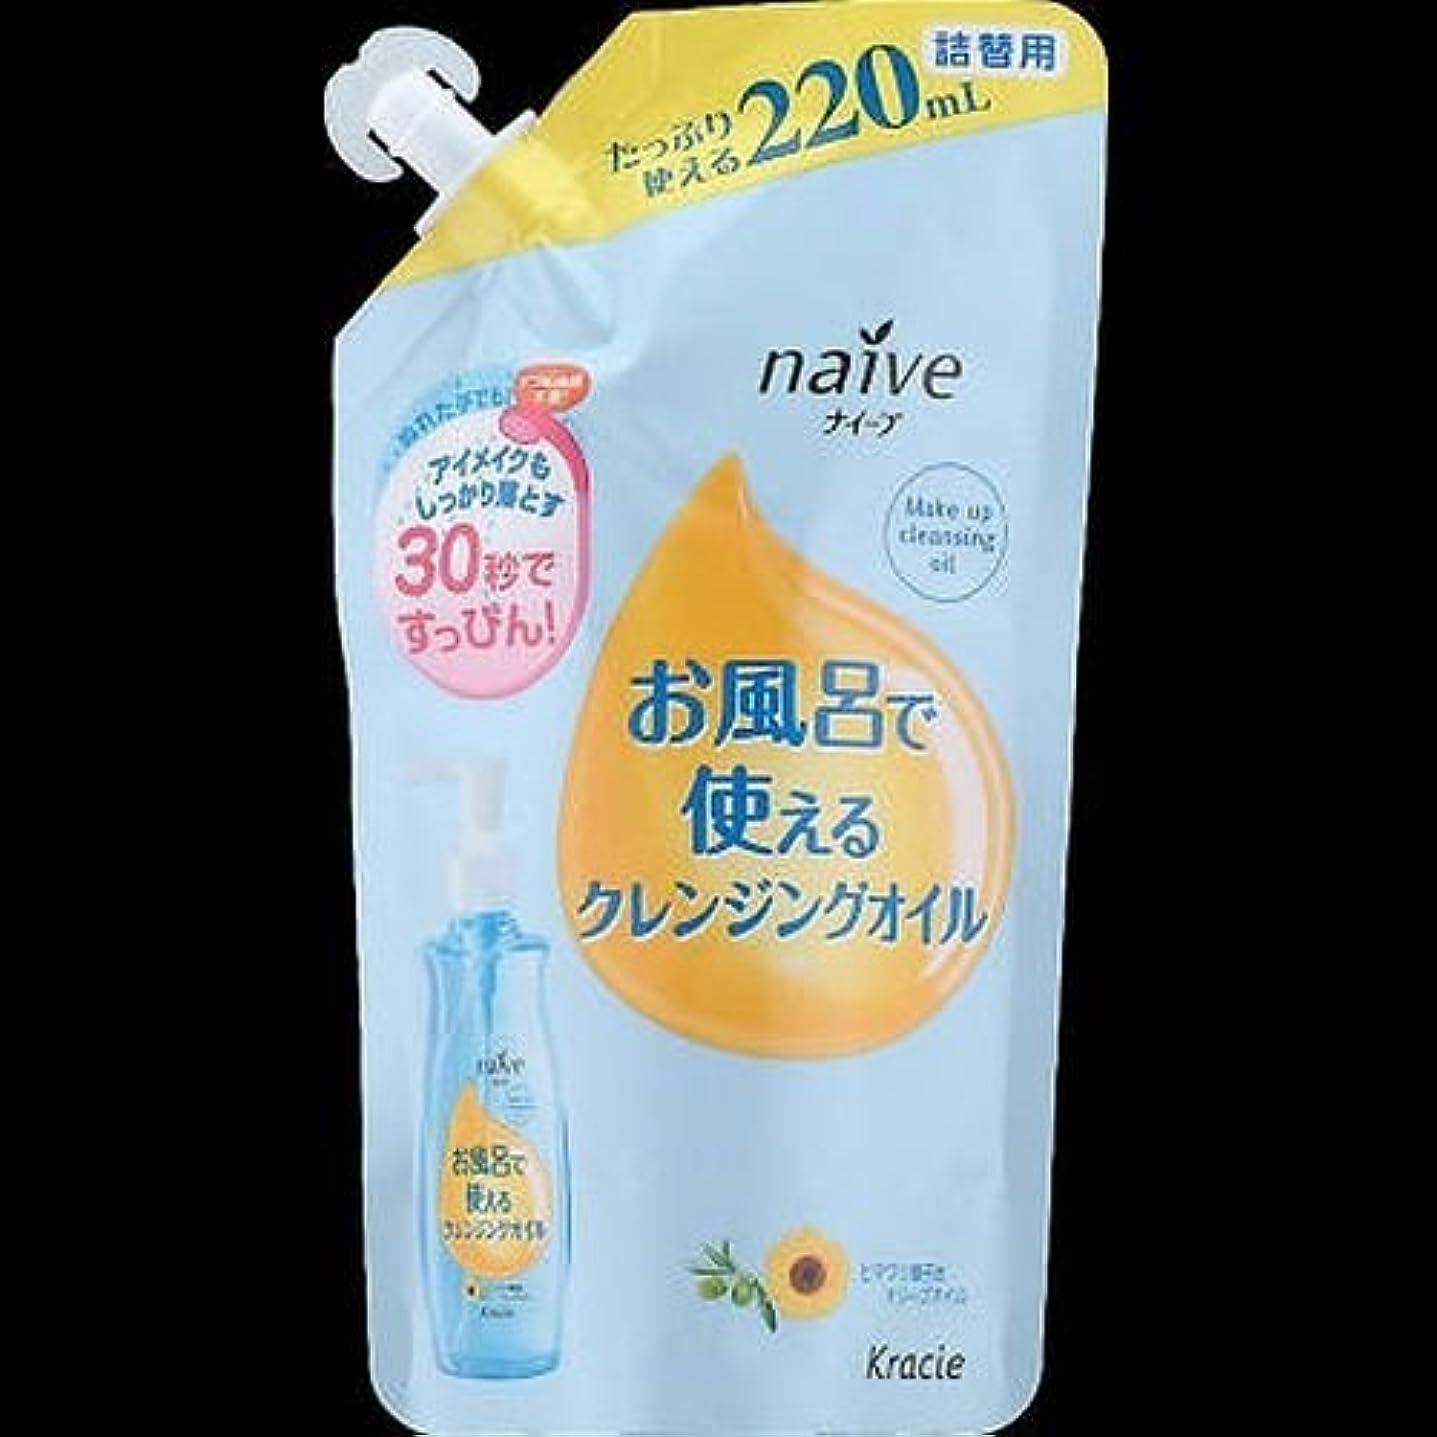 しないでくださいきしむパーティション【まとめ買い】ナイーブ お風呂で使えるクレンジングオイル 詰替 ×2セット